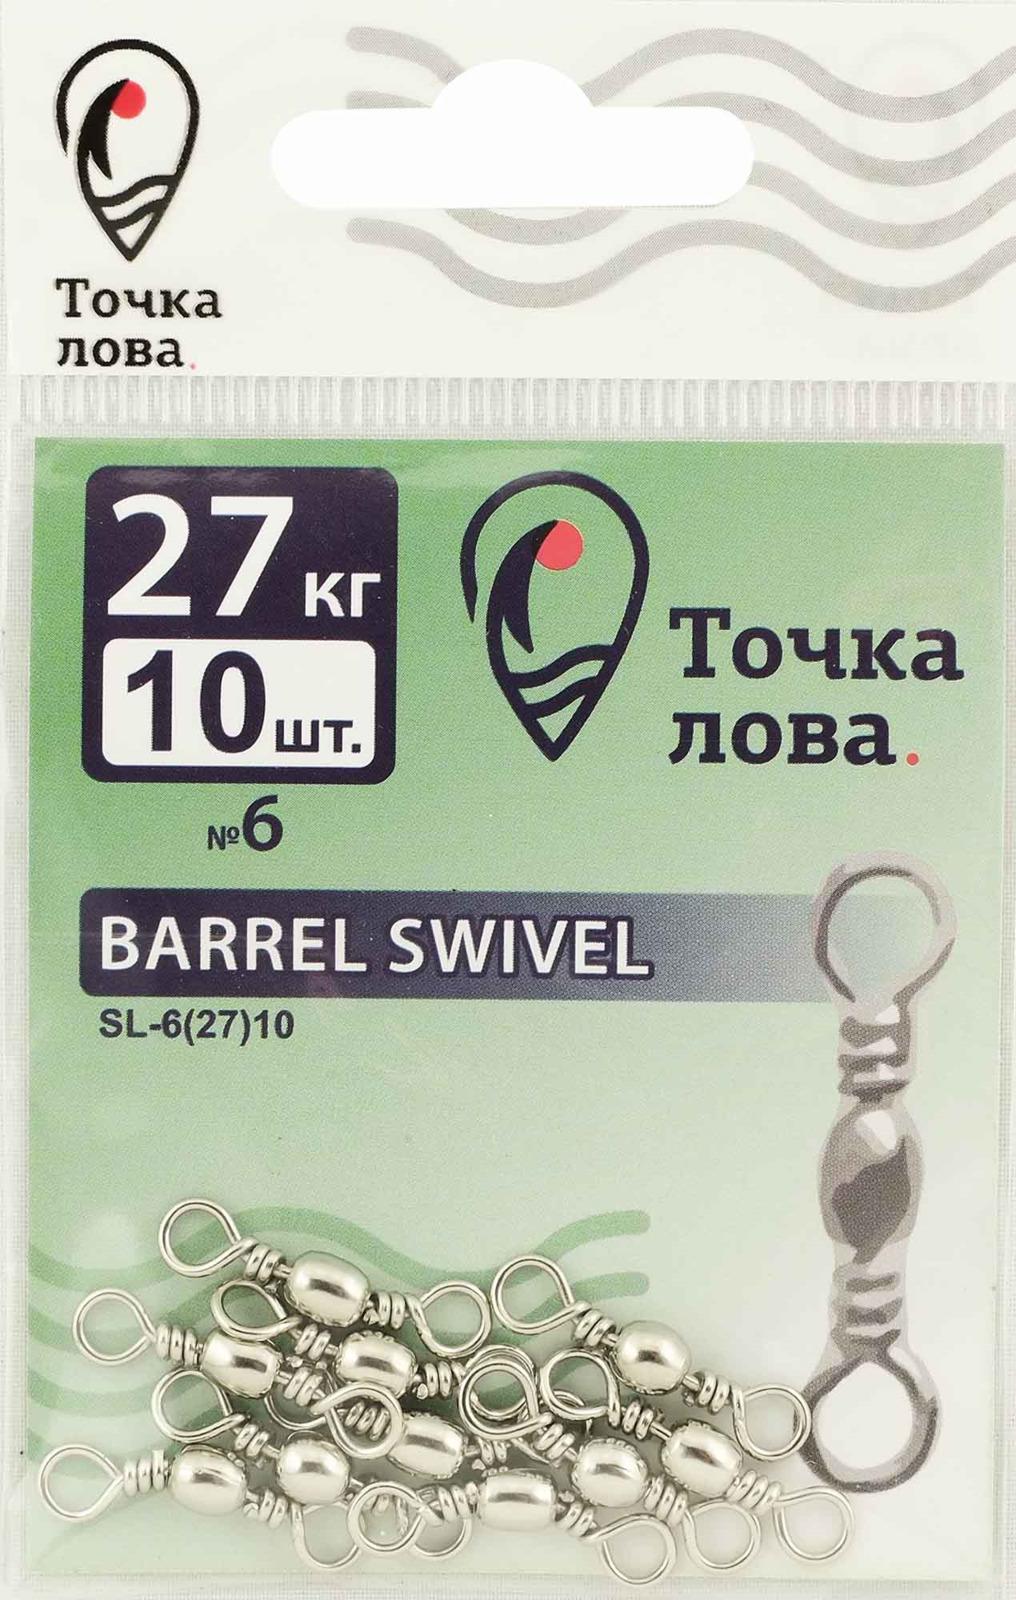 Вертлюг рыболовный Точка Лова Бочка, SL-6(27), 10 шт